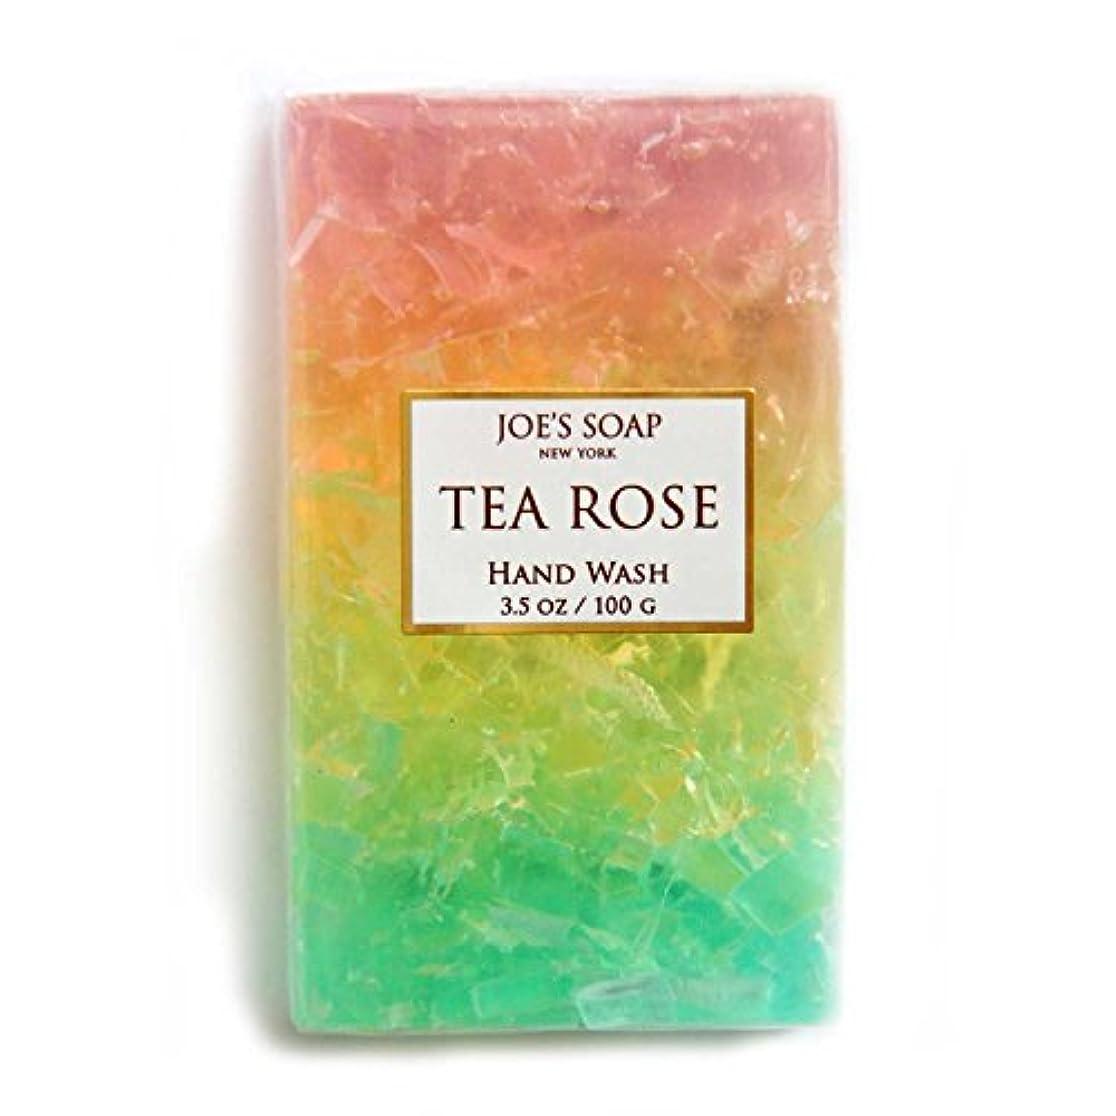 目に見える採用前売JOE'S SOAP ジョーズソープ グラスソープ 100g 石けん ボディソープ 洗顔料 せっけん 固形 ギフト